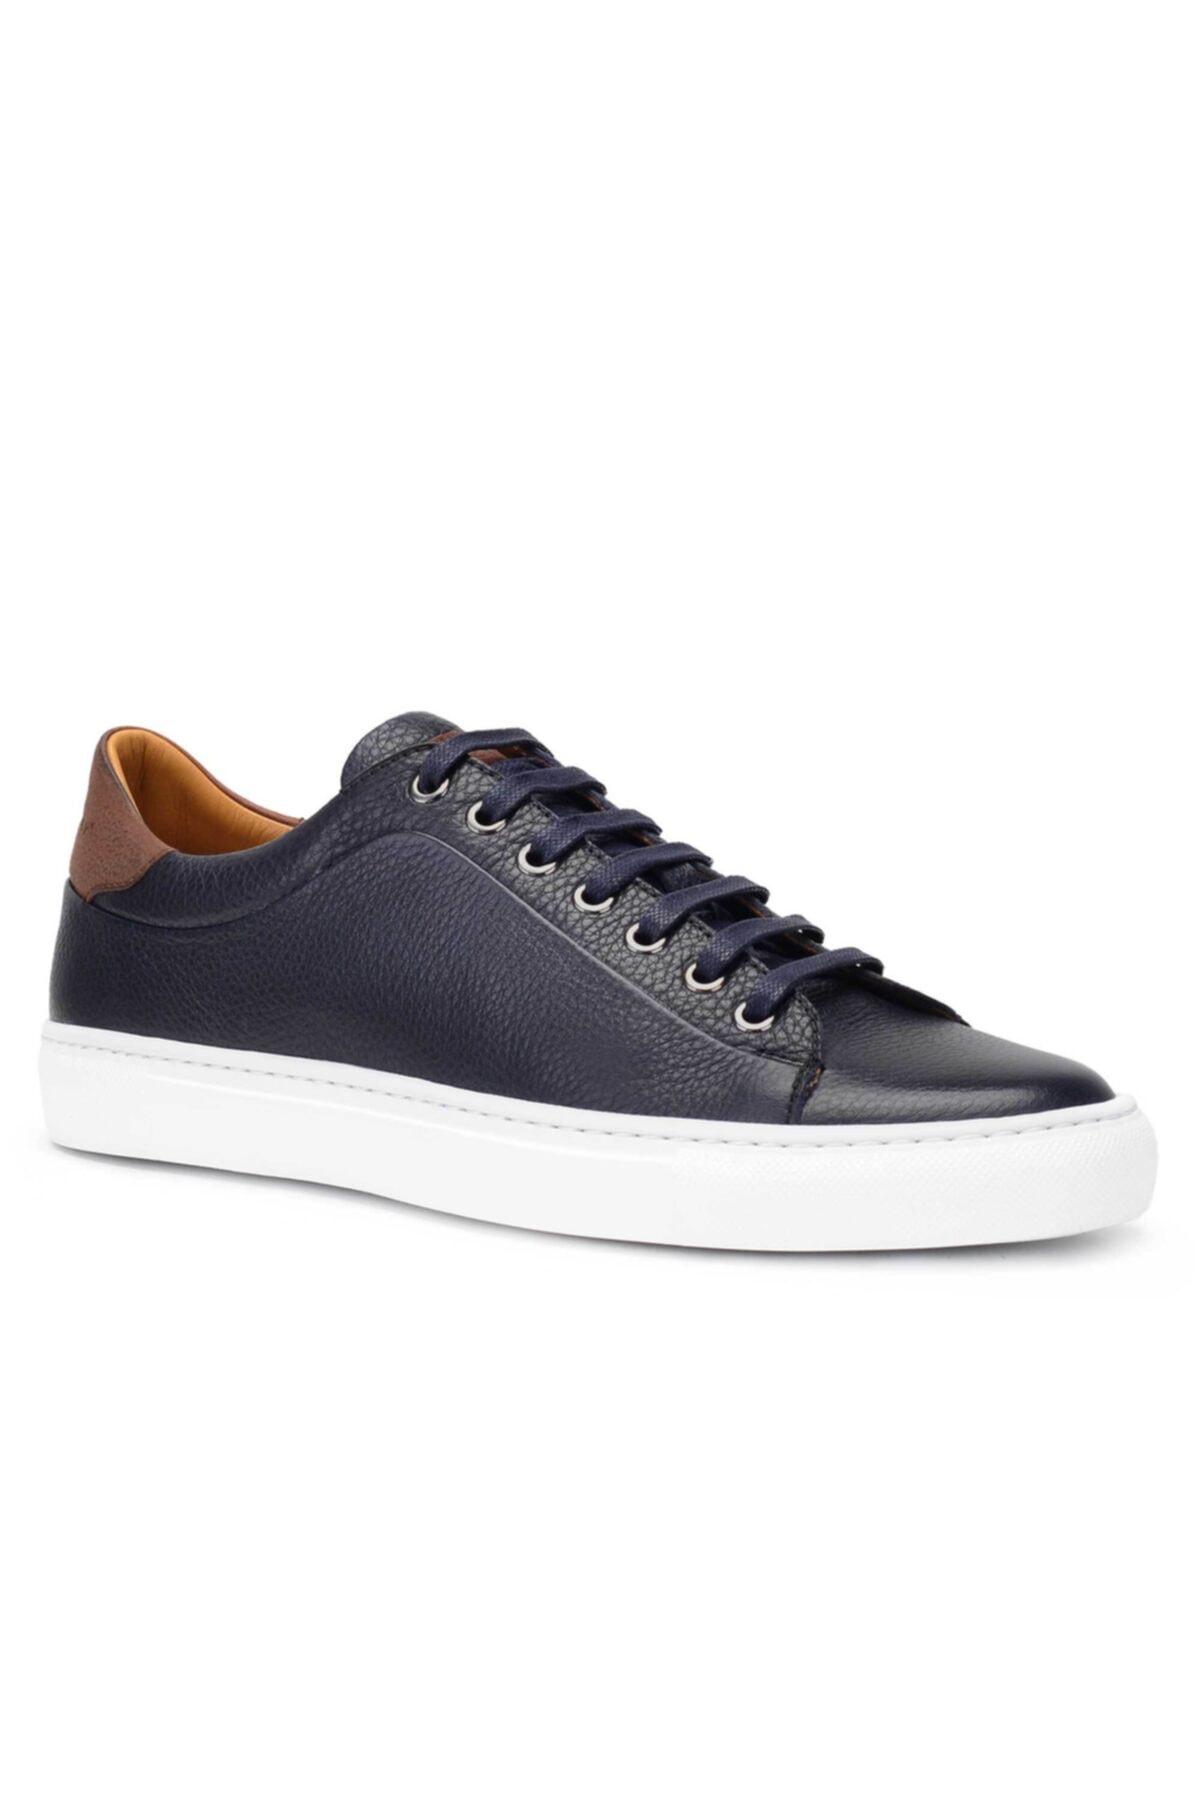 Nevzat Onay Hakiki Deri Lacivert Sneaker Erkek Ayakkabı -11741- 2